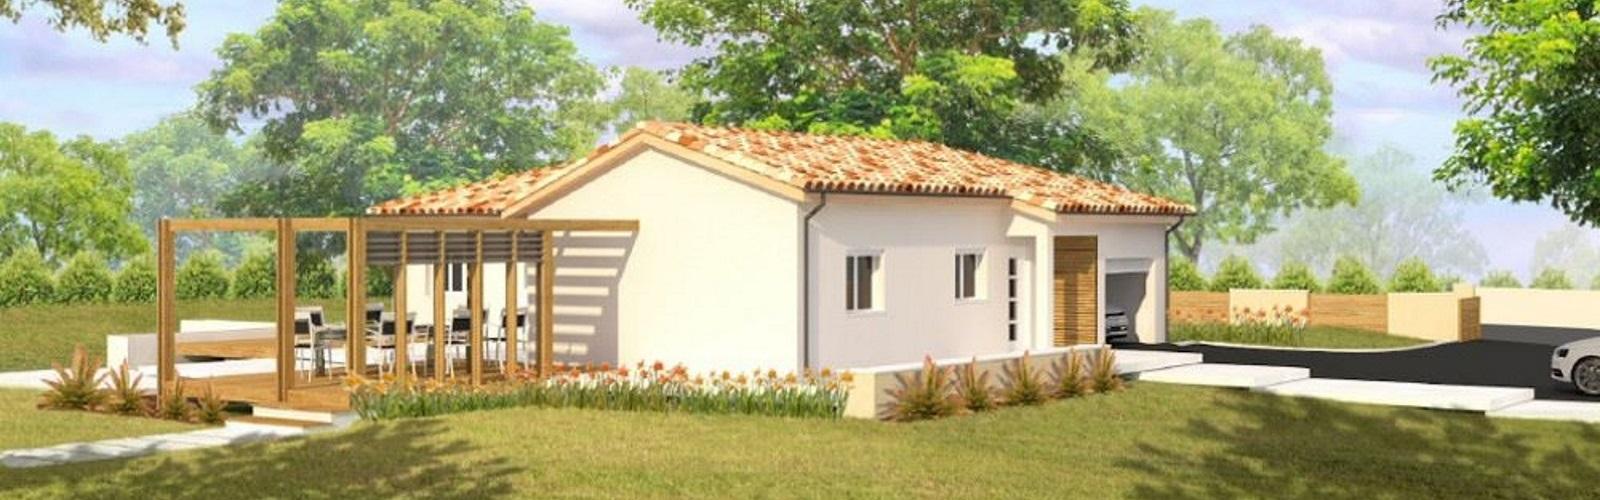 Socoo C Portet Sur Garonne nos garanties | les demeures du terroir, votre constructeur